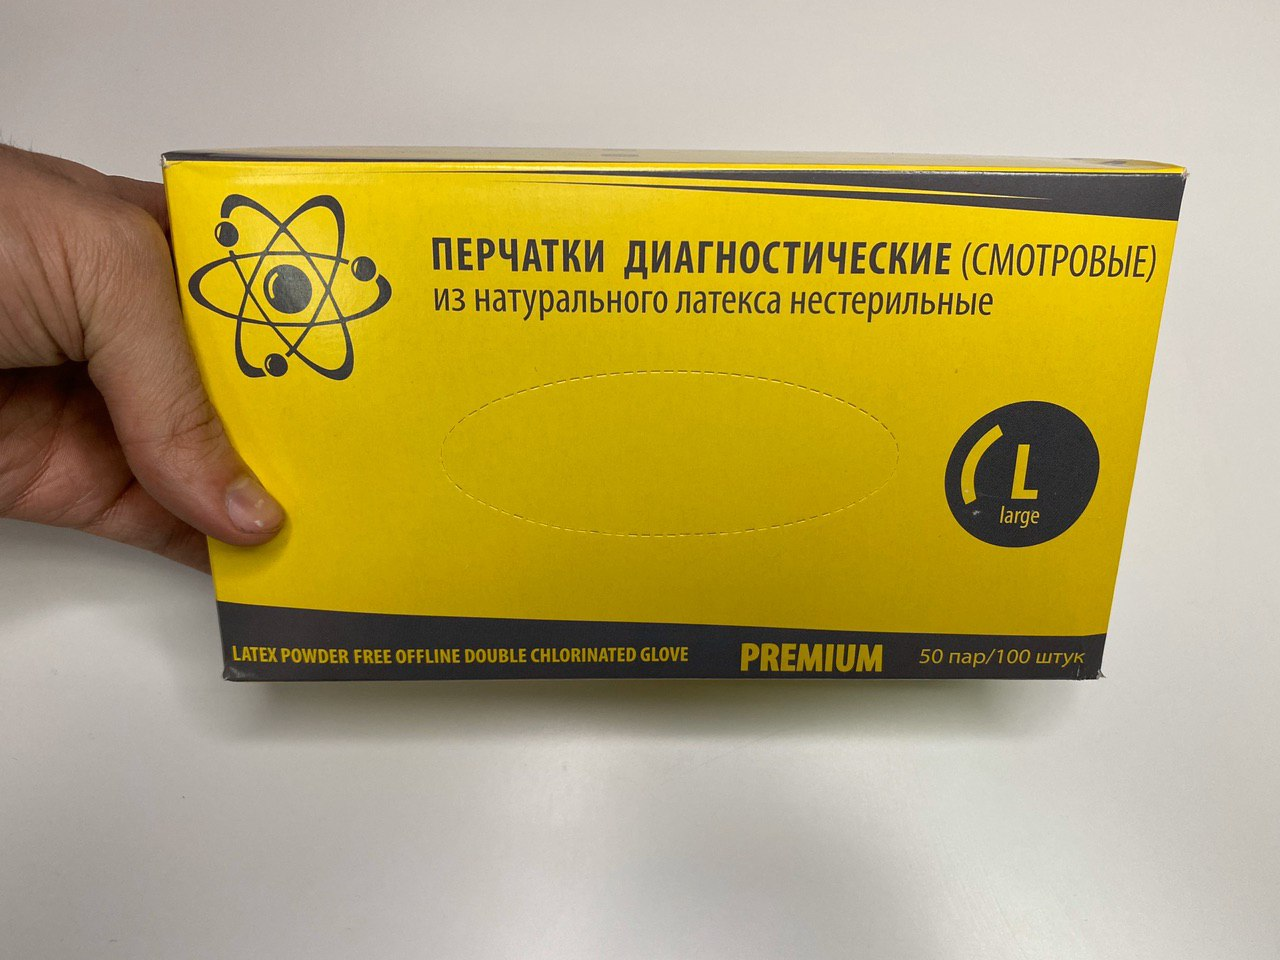 Перчатки латексные Top Gloves смотровые (Топ Глав) размер L (8) 105mm